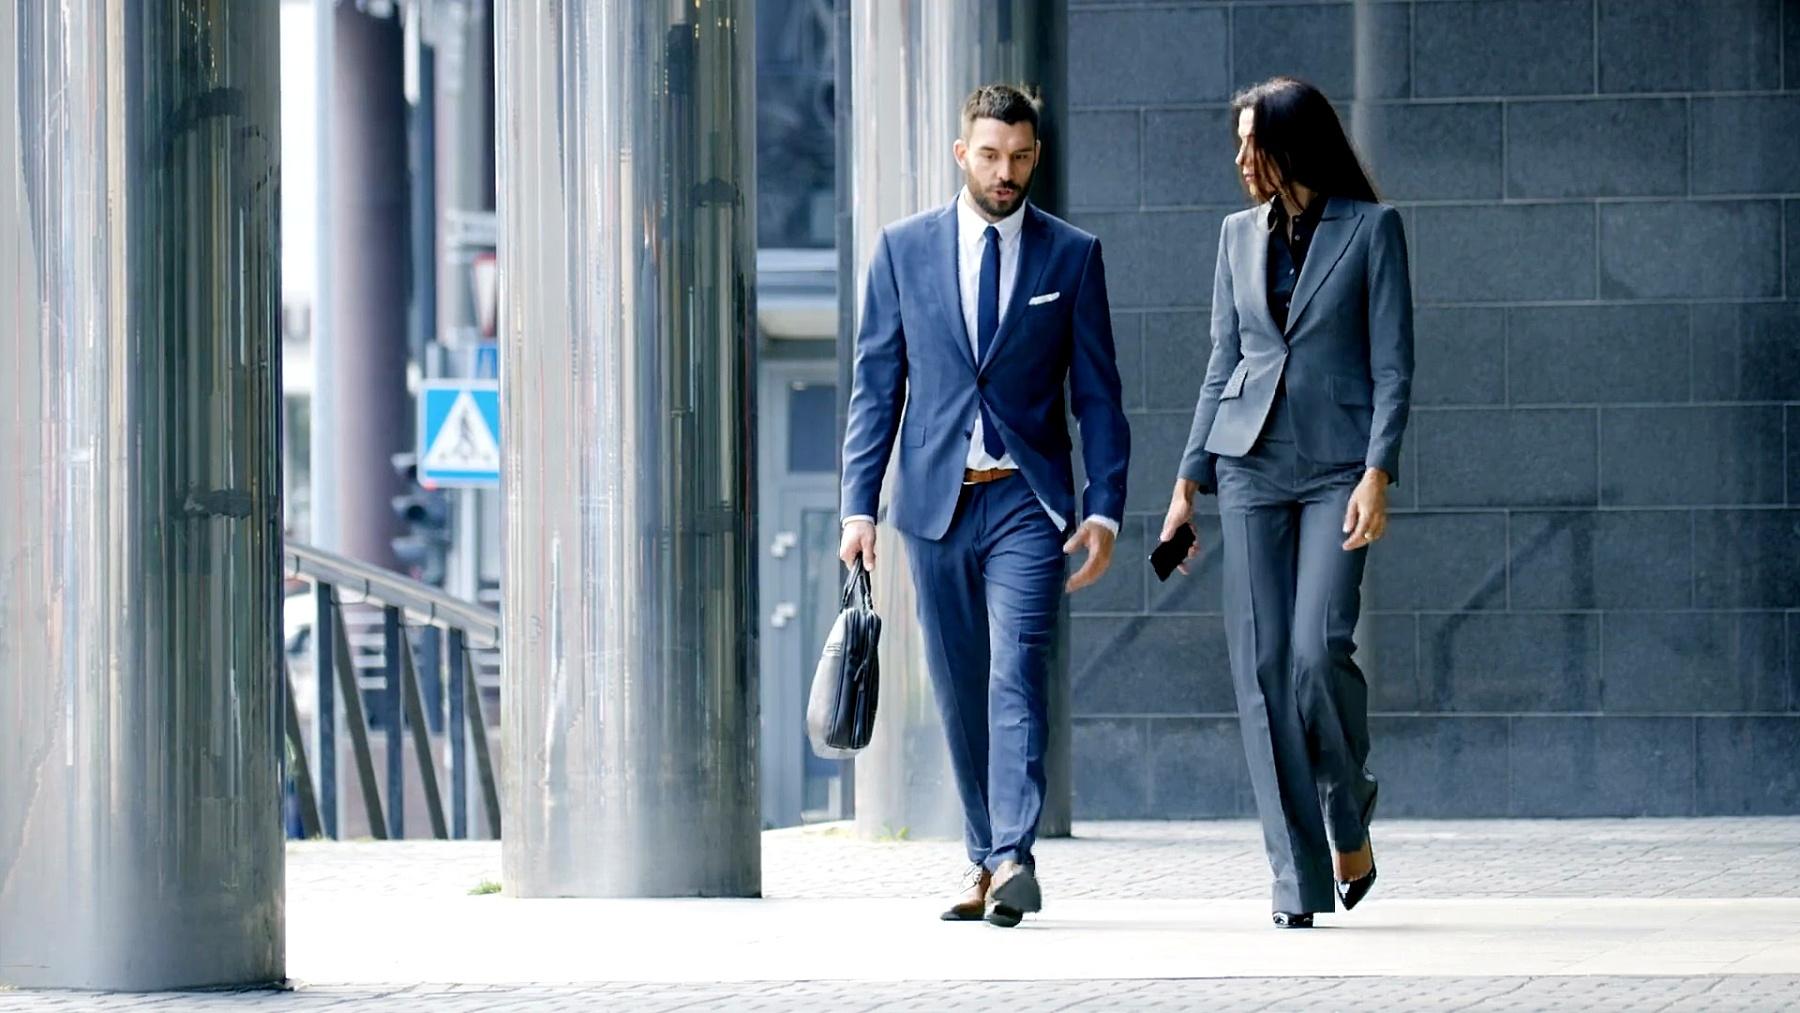 男性和女性商务人士走来走去,讨论财务问题。他们在中央商务区工作。